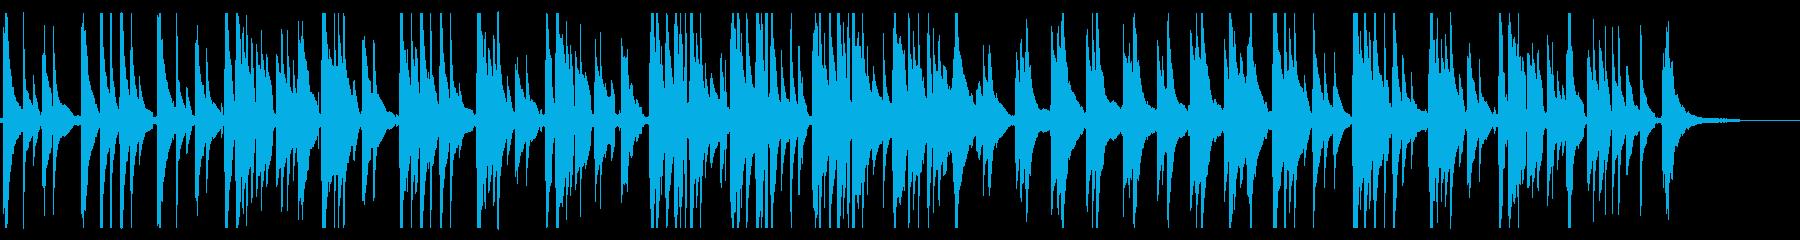 しっとりとして切なさもあるソロギターの再生済みの波形